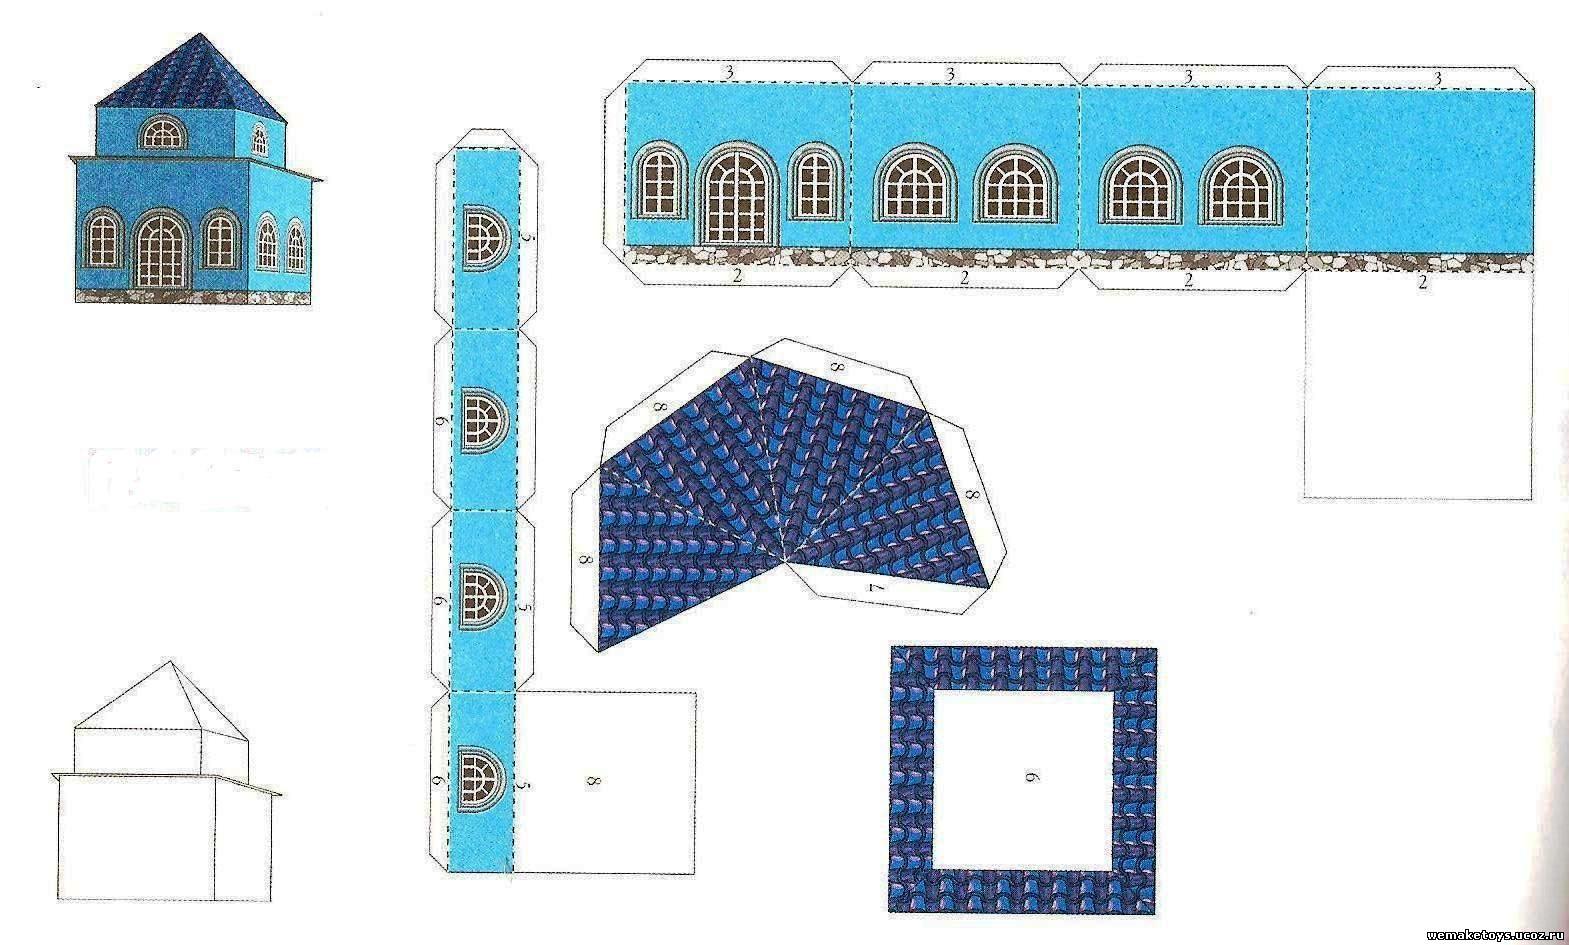 Как сделать объемный замок из бумаги фото 942